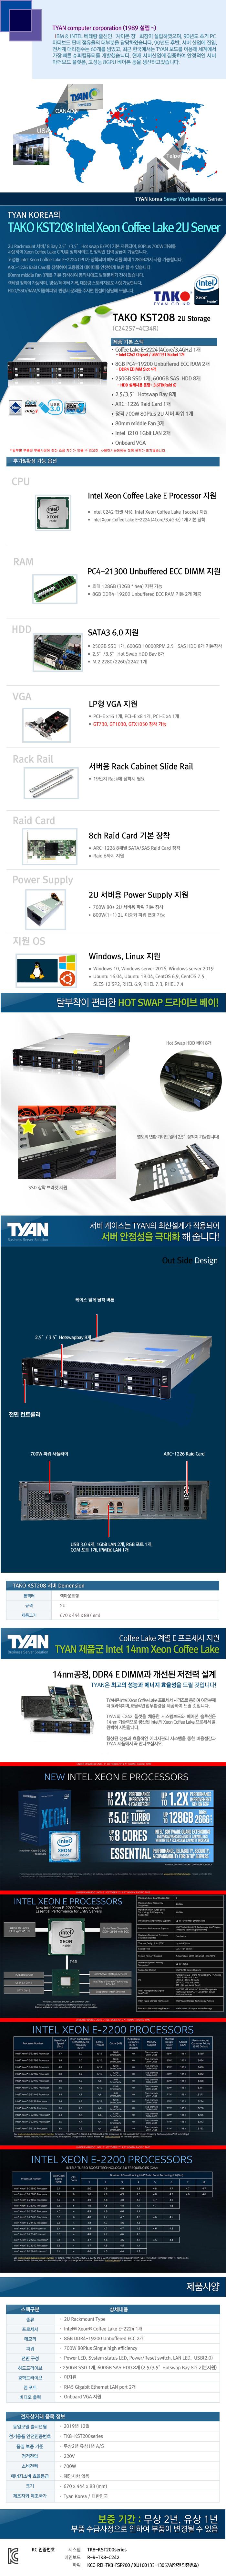 TYAN TAKO-KST208-(C242S7-4C34R) (16GB, SSD 250GB + 3.6TB)